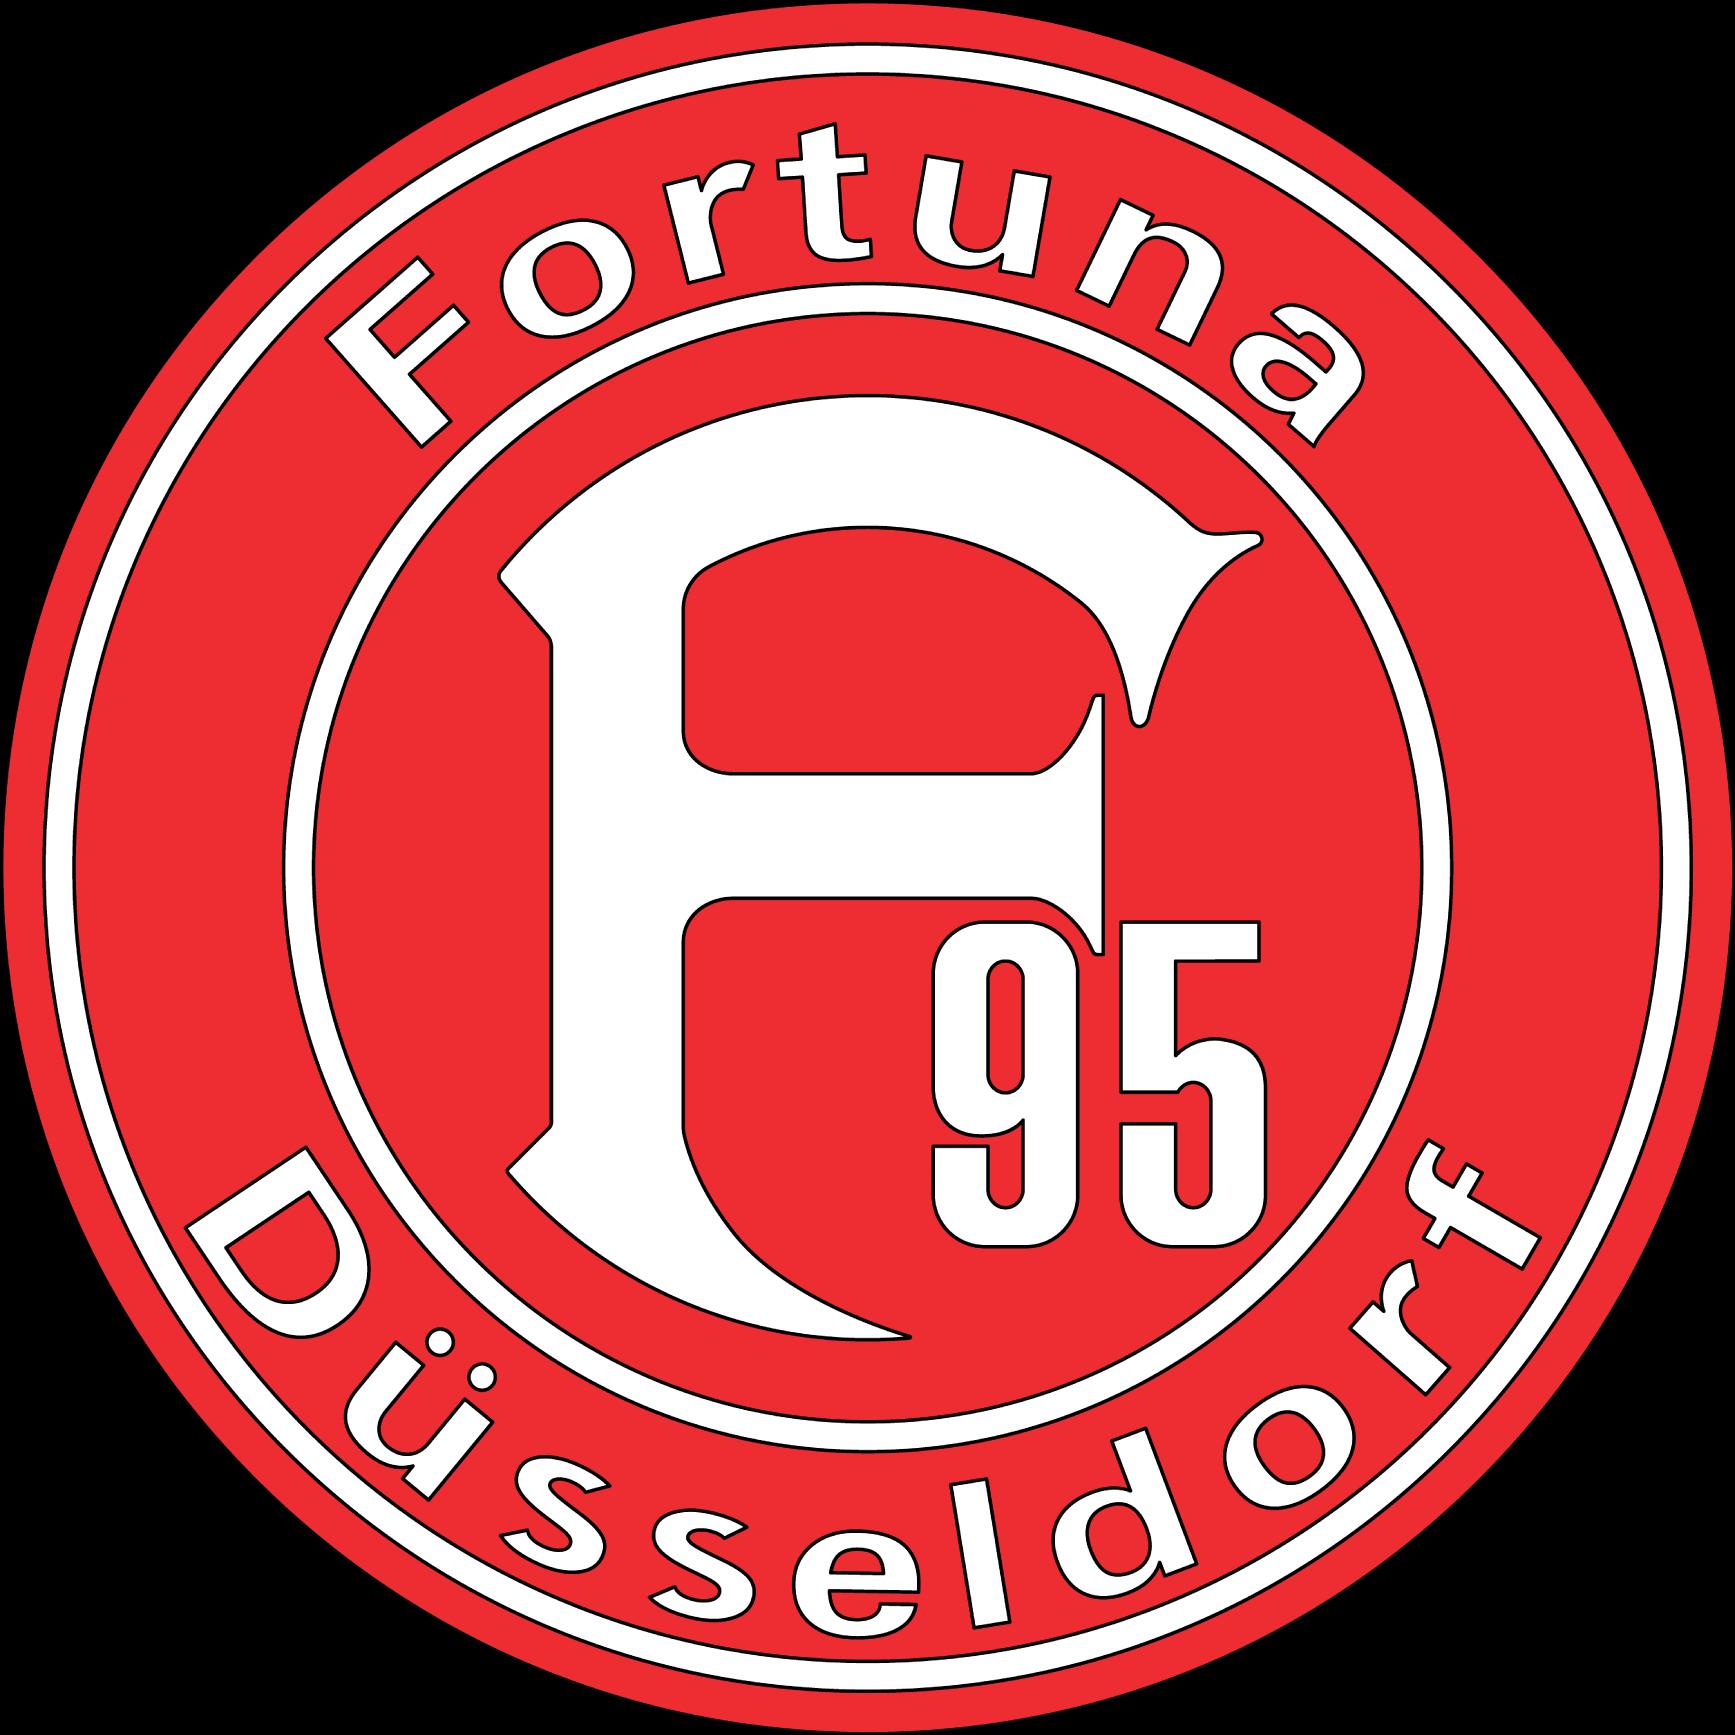 Футбольный клуб дюссельдорфа